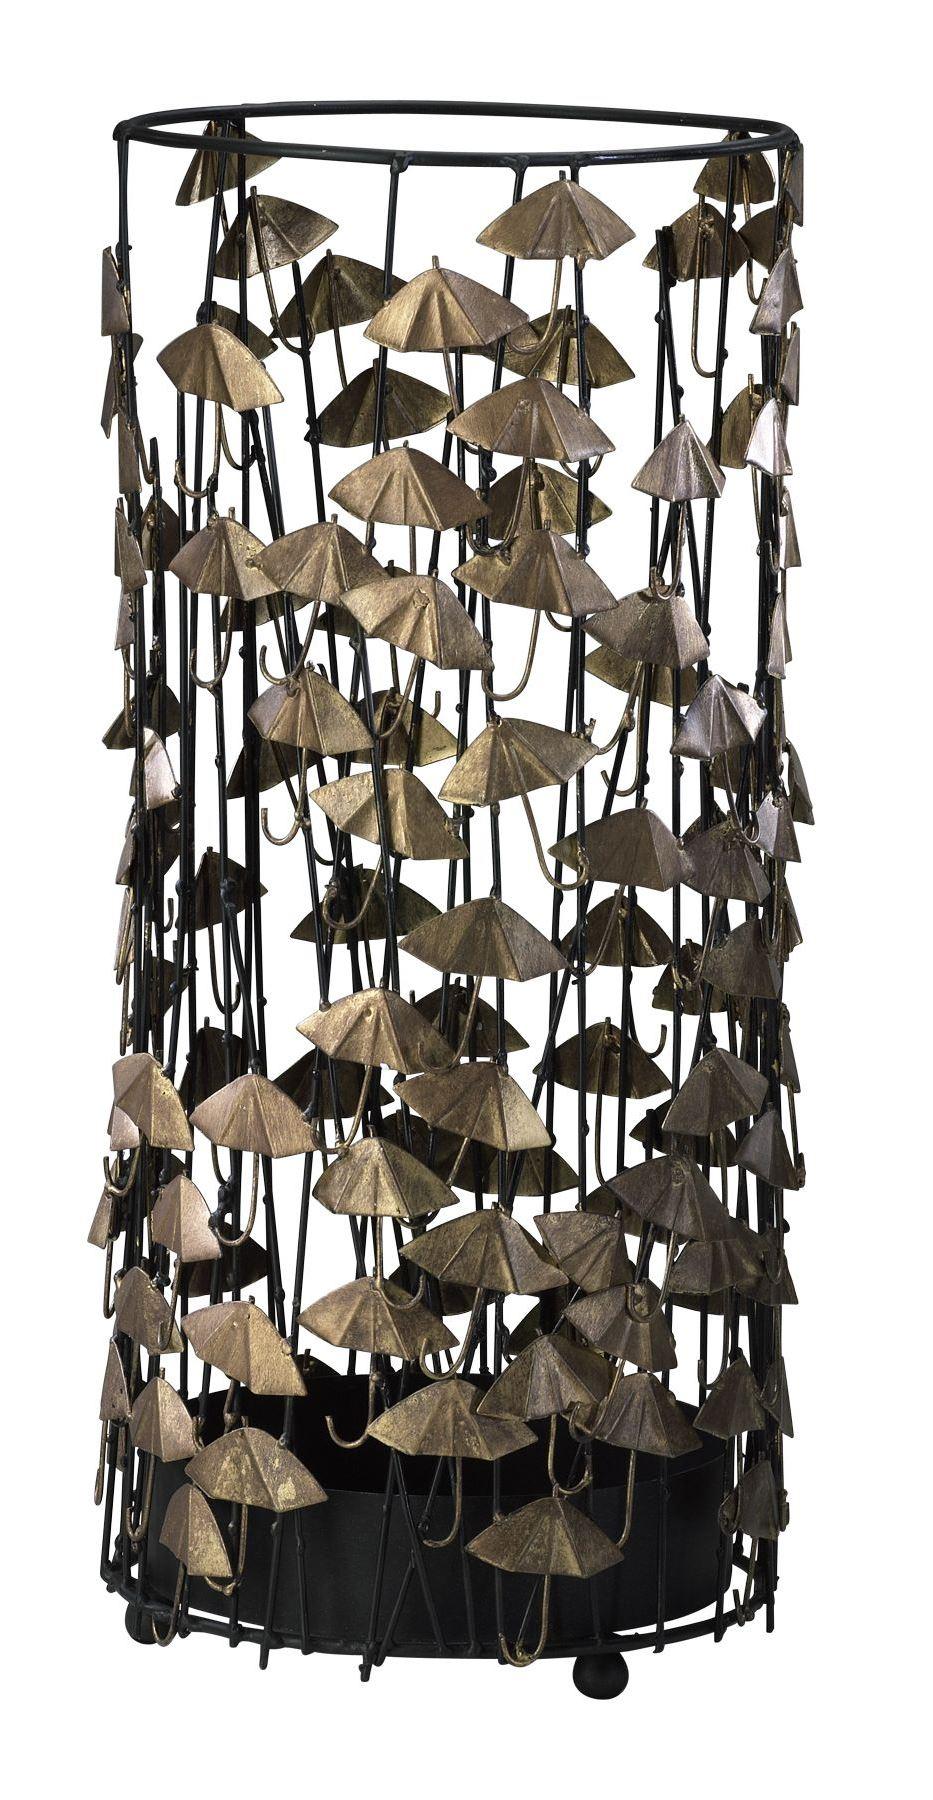 Umbrella Stands